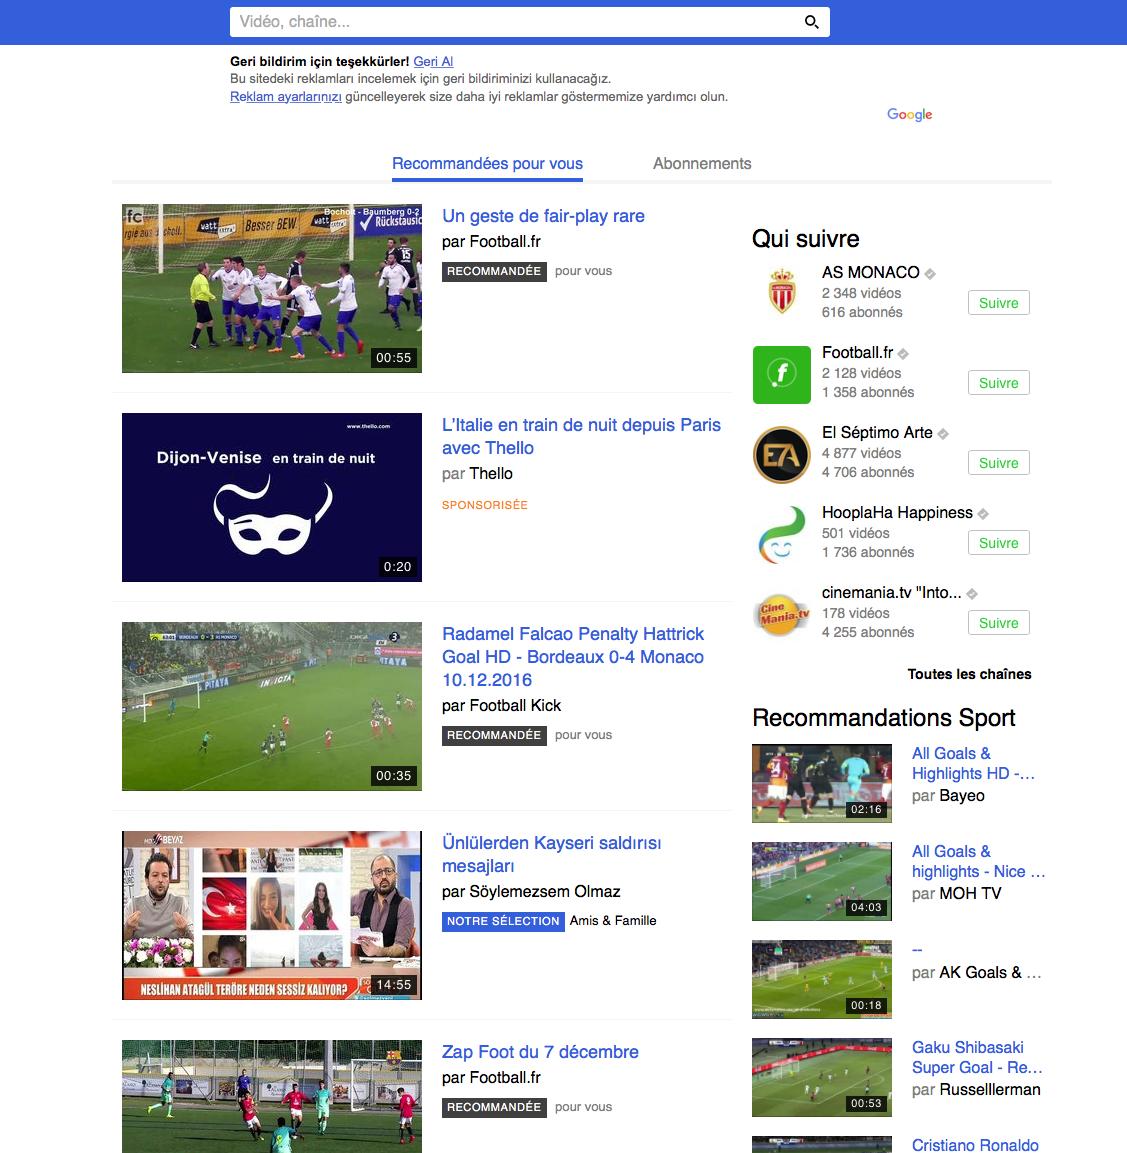 Übersetzung ins Türkische des Interface der Webseite Dailymotion